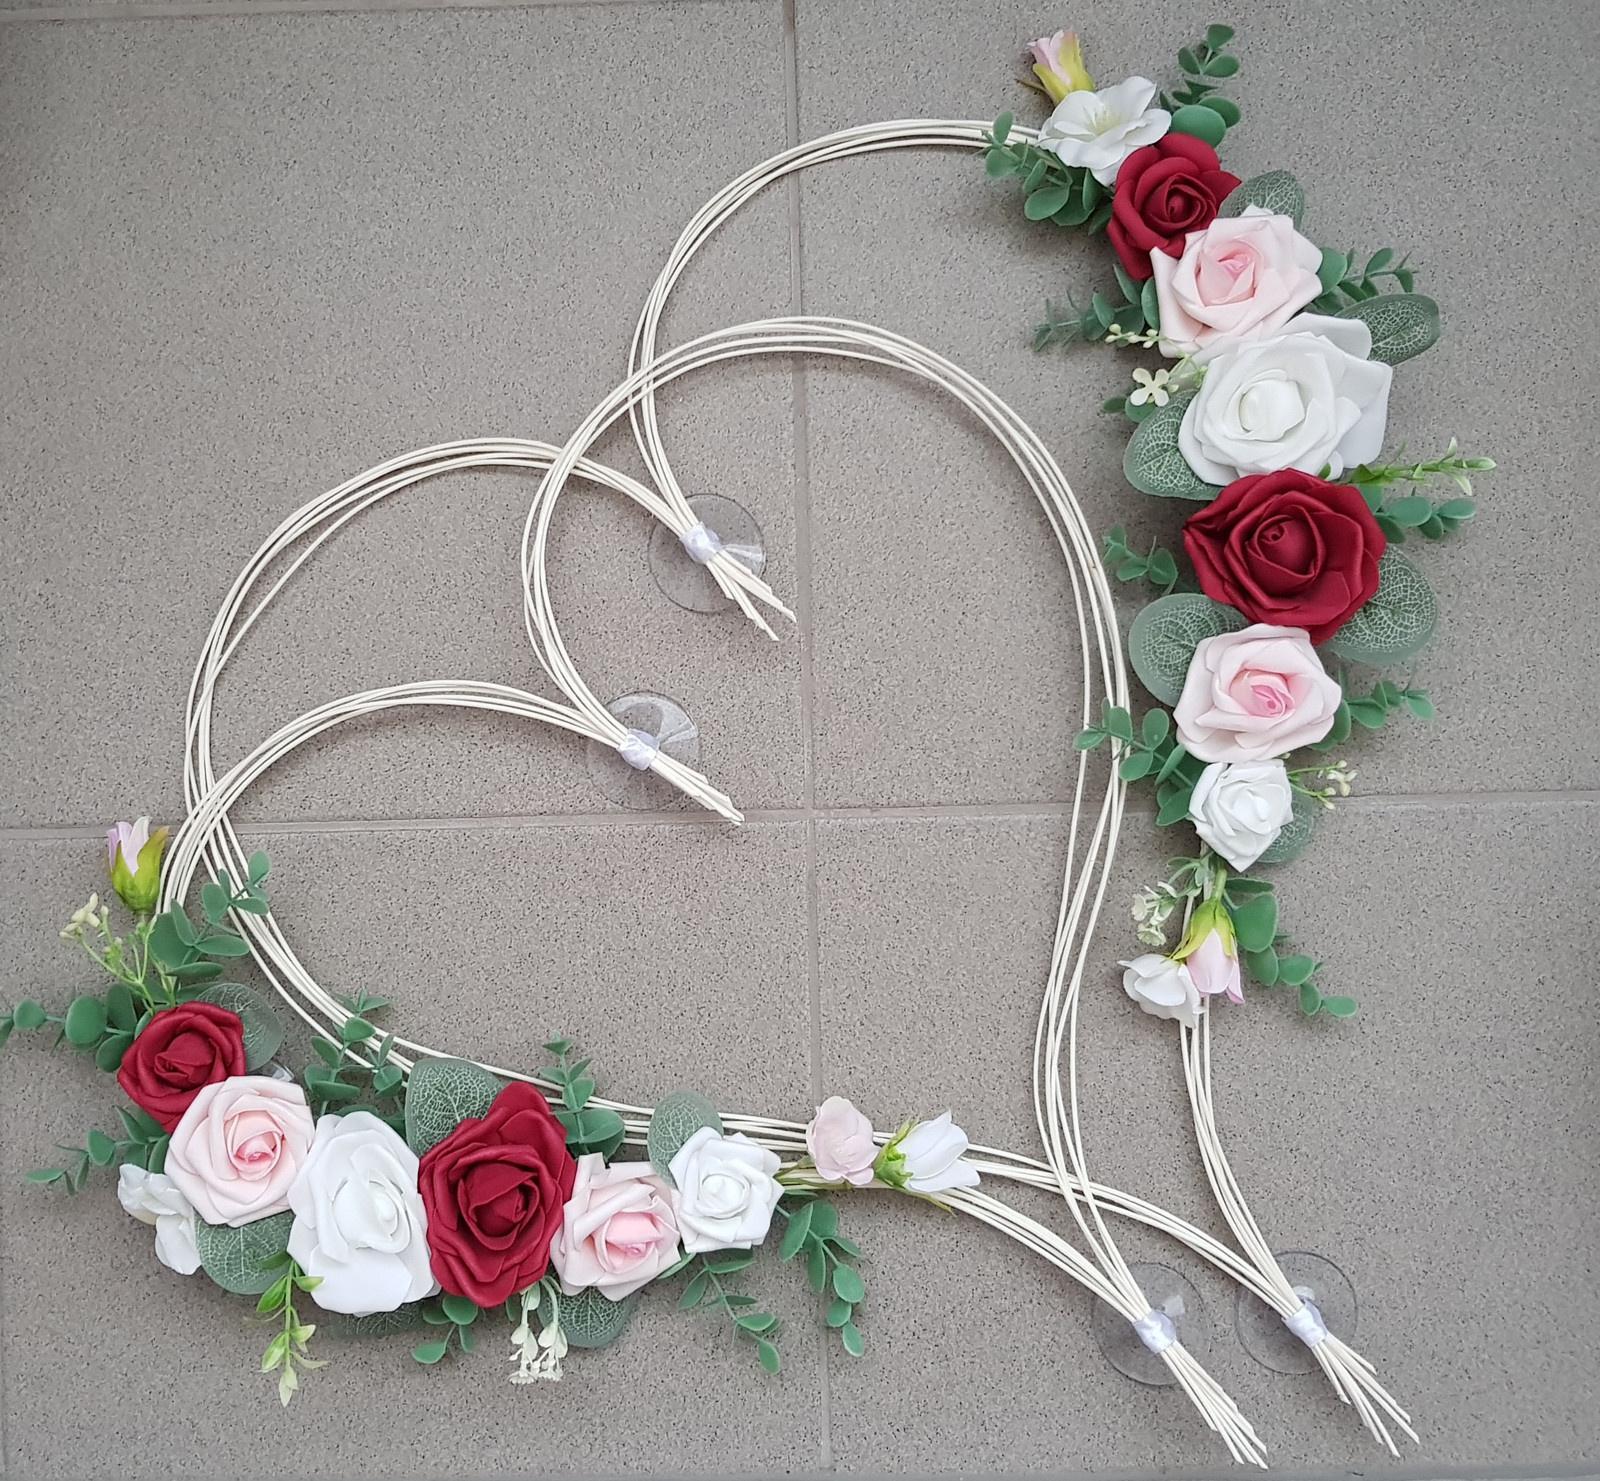 Srdce na kapotu bílá, růžová a vínová - Obrázek č. 1